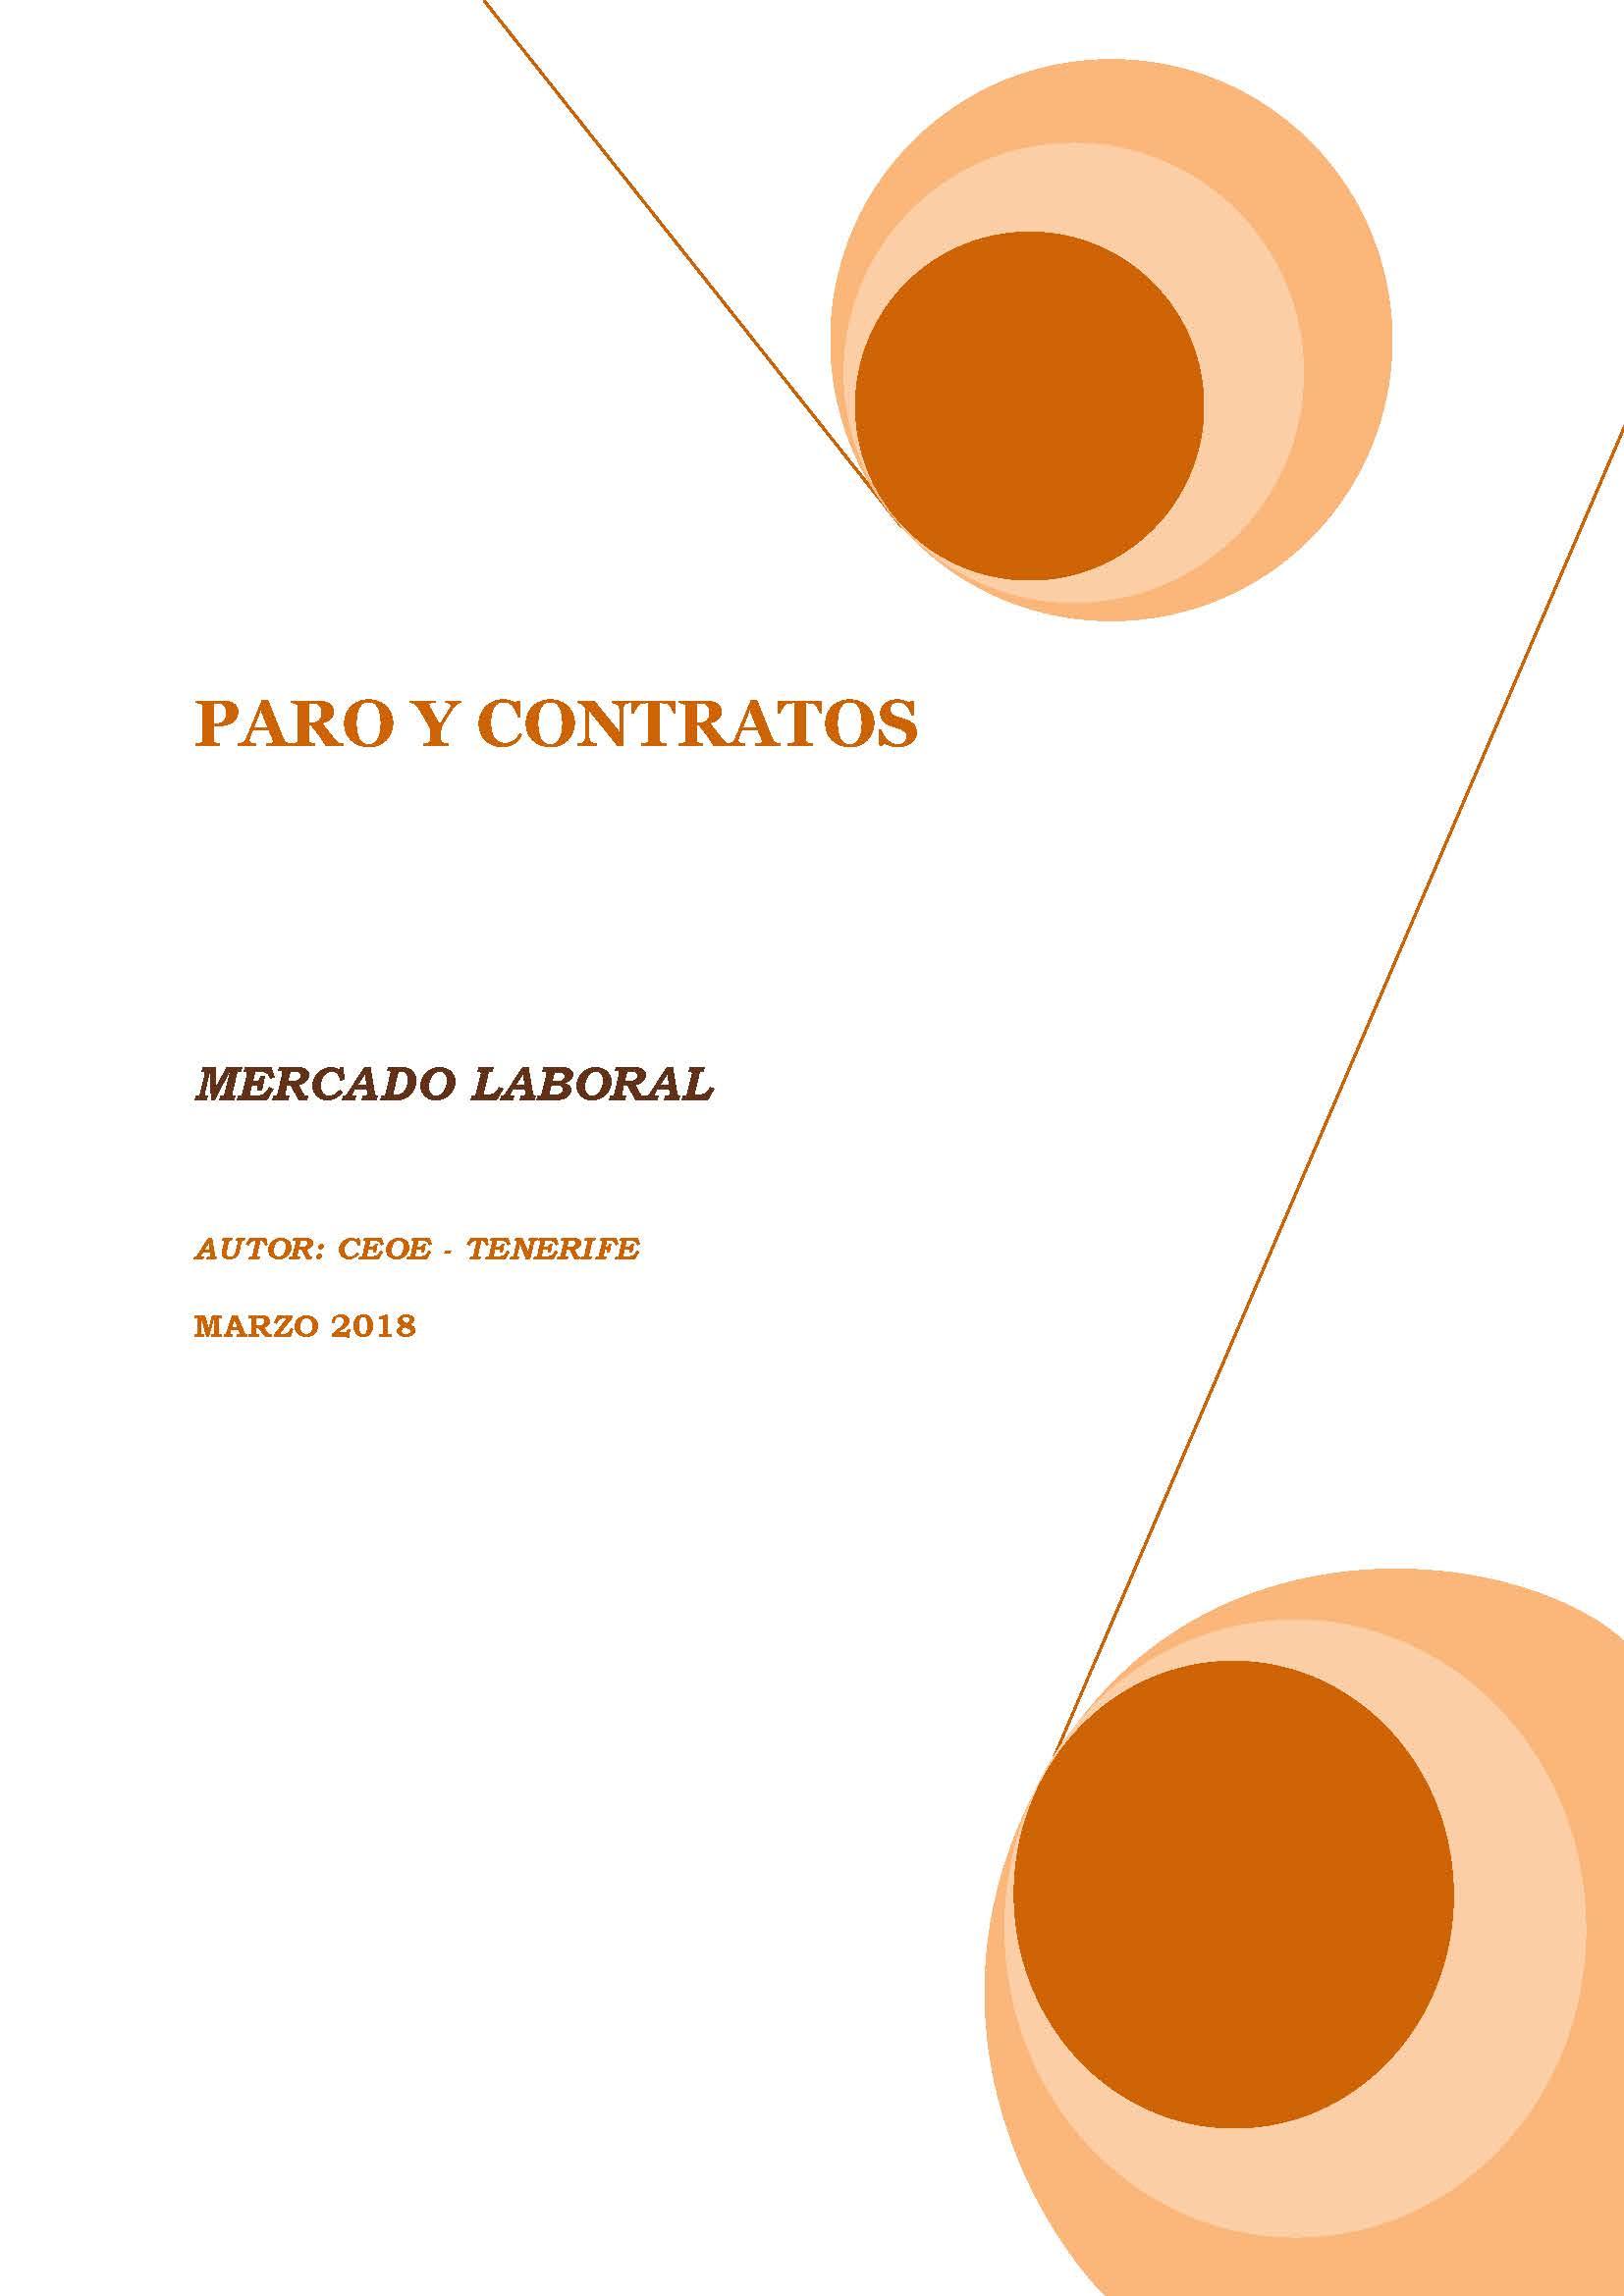 MERCADO LABORAL - PARO Y CONTRATOS MARZO 2018